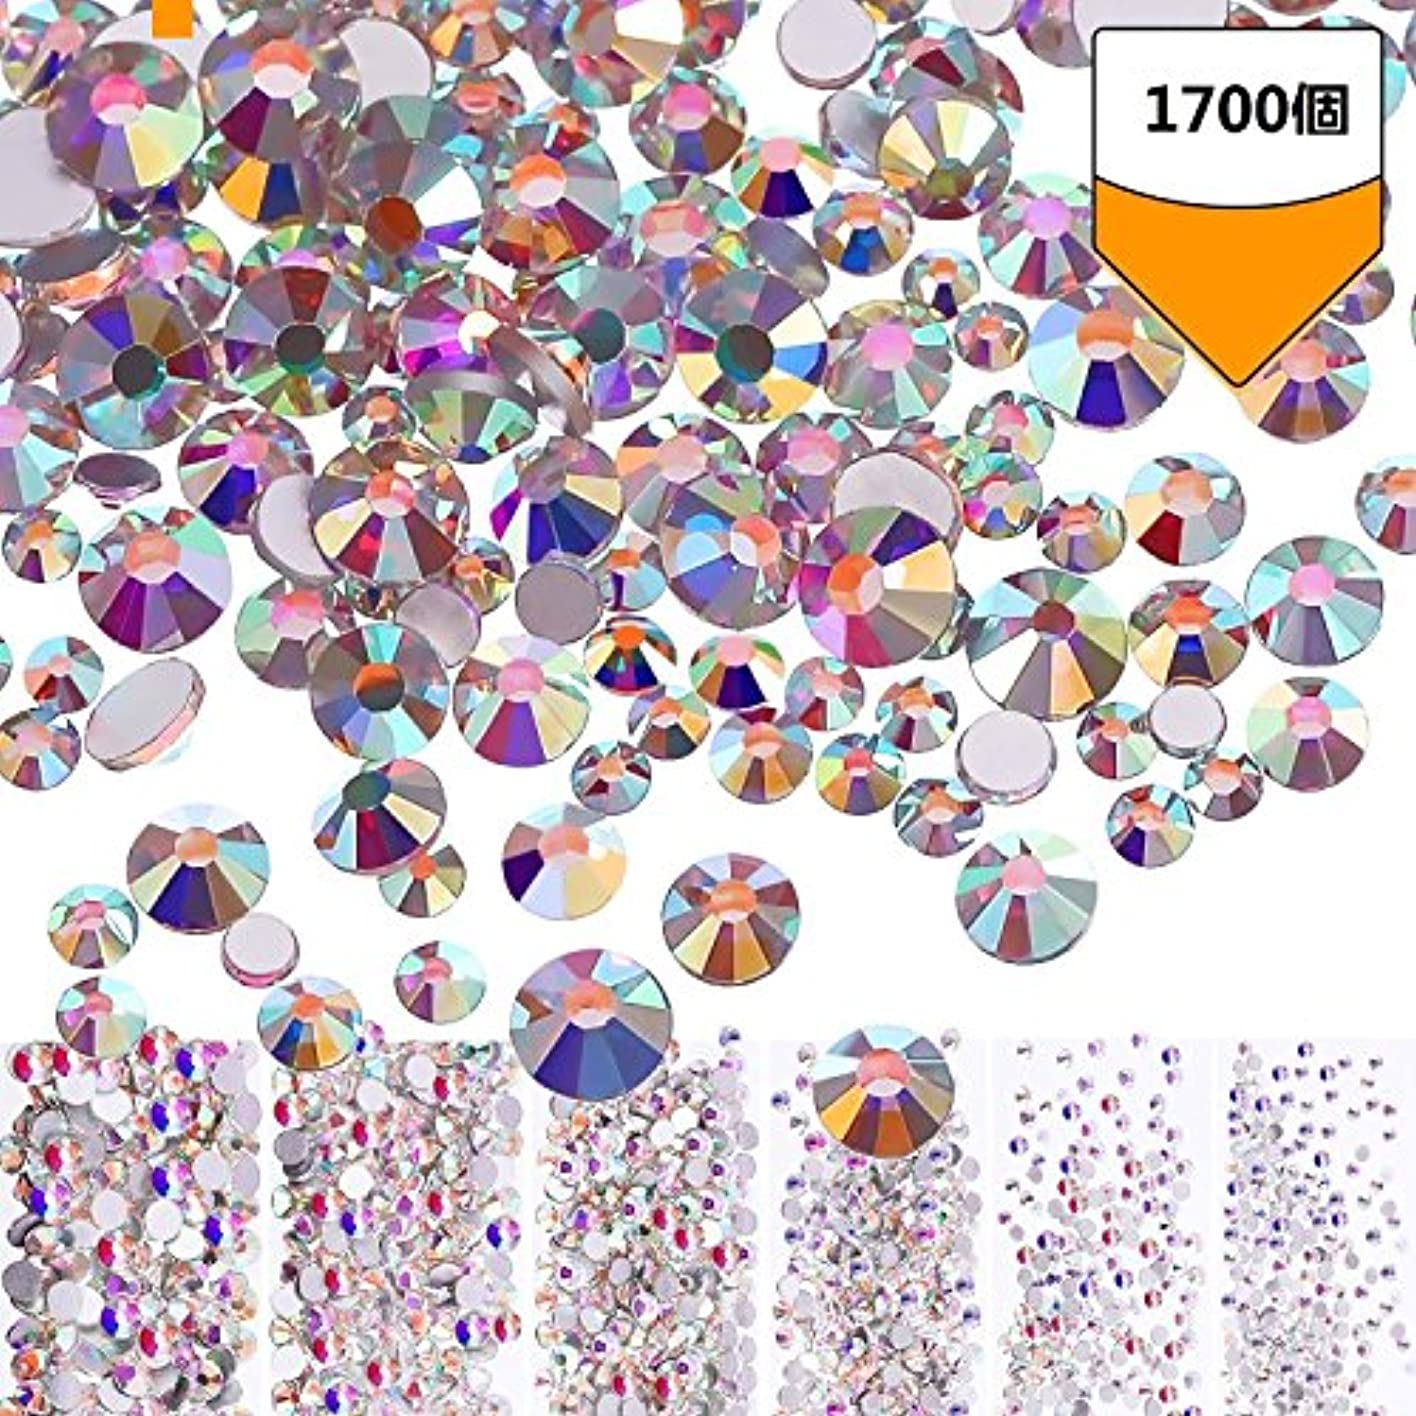 相反するロケットハイジャックラインストーン ネイル デコ ガラスストーン クリスタル 改良 高品質ガラス製ラインストーン(1.6mm-3mm 約1700粒)